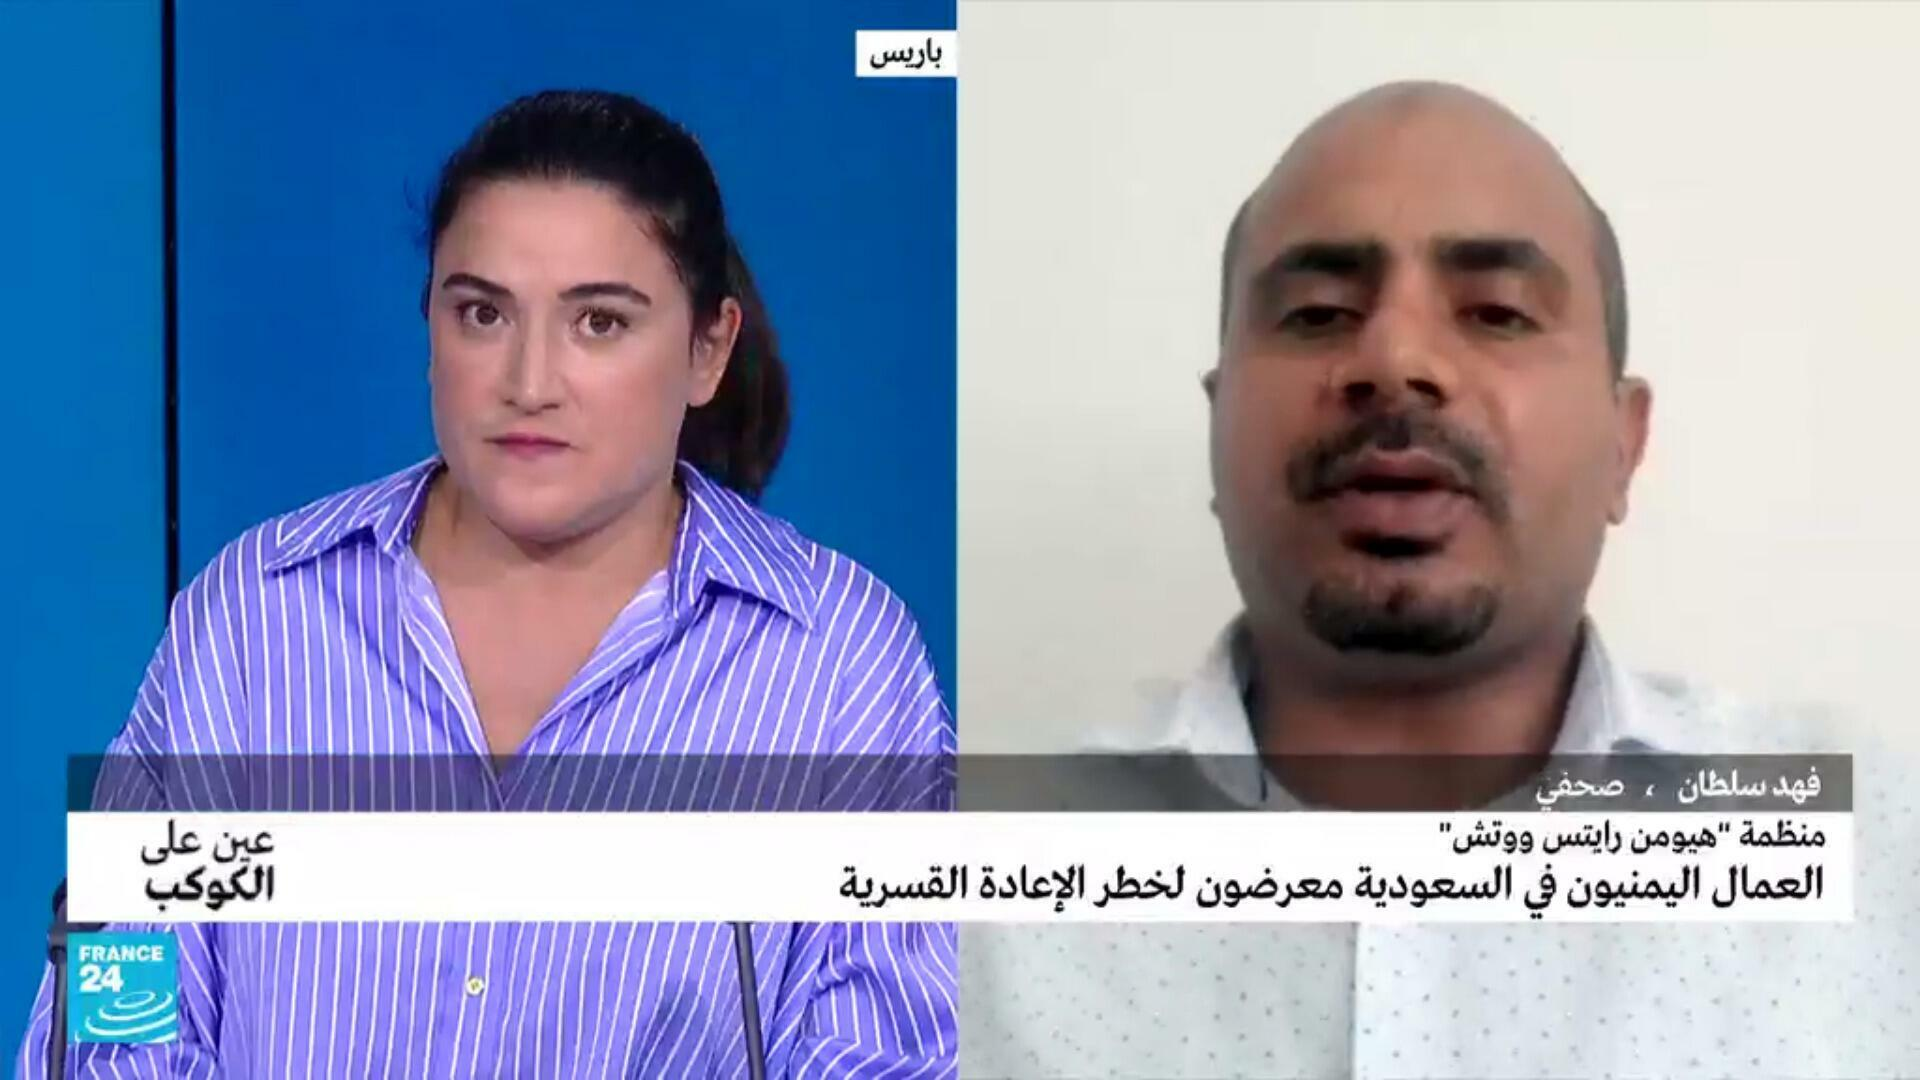 هيومن رايتس ووتش: العمال اليمنيون في السعودية معرضون لخطر الترحيل القسري